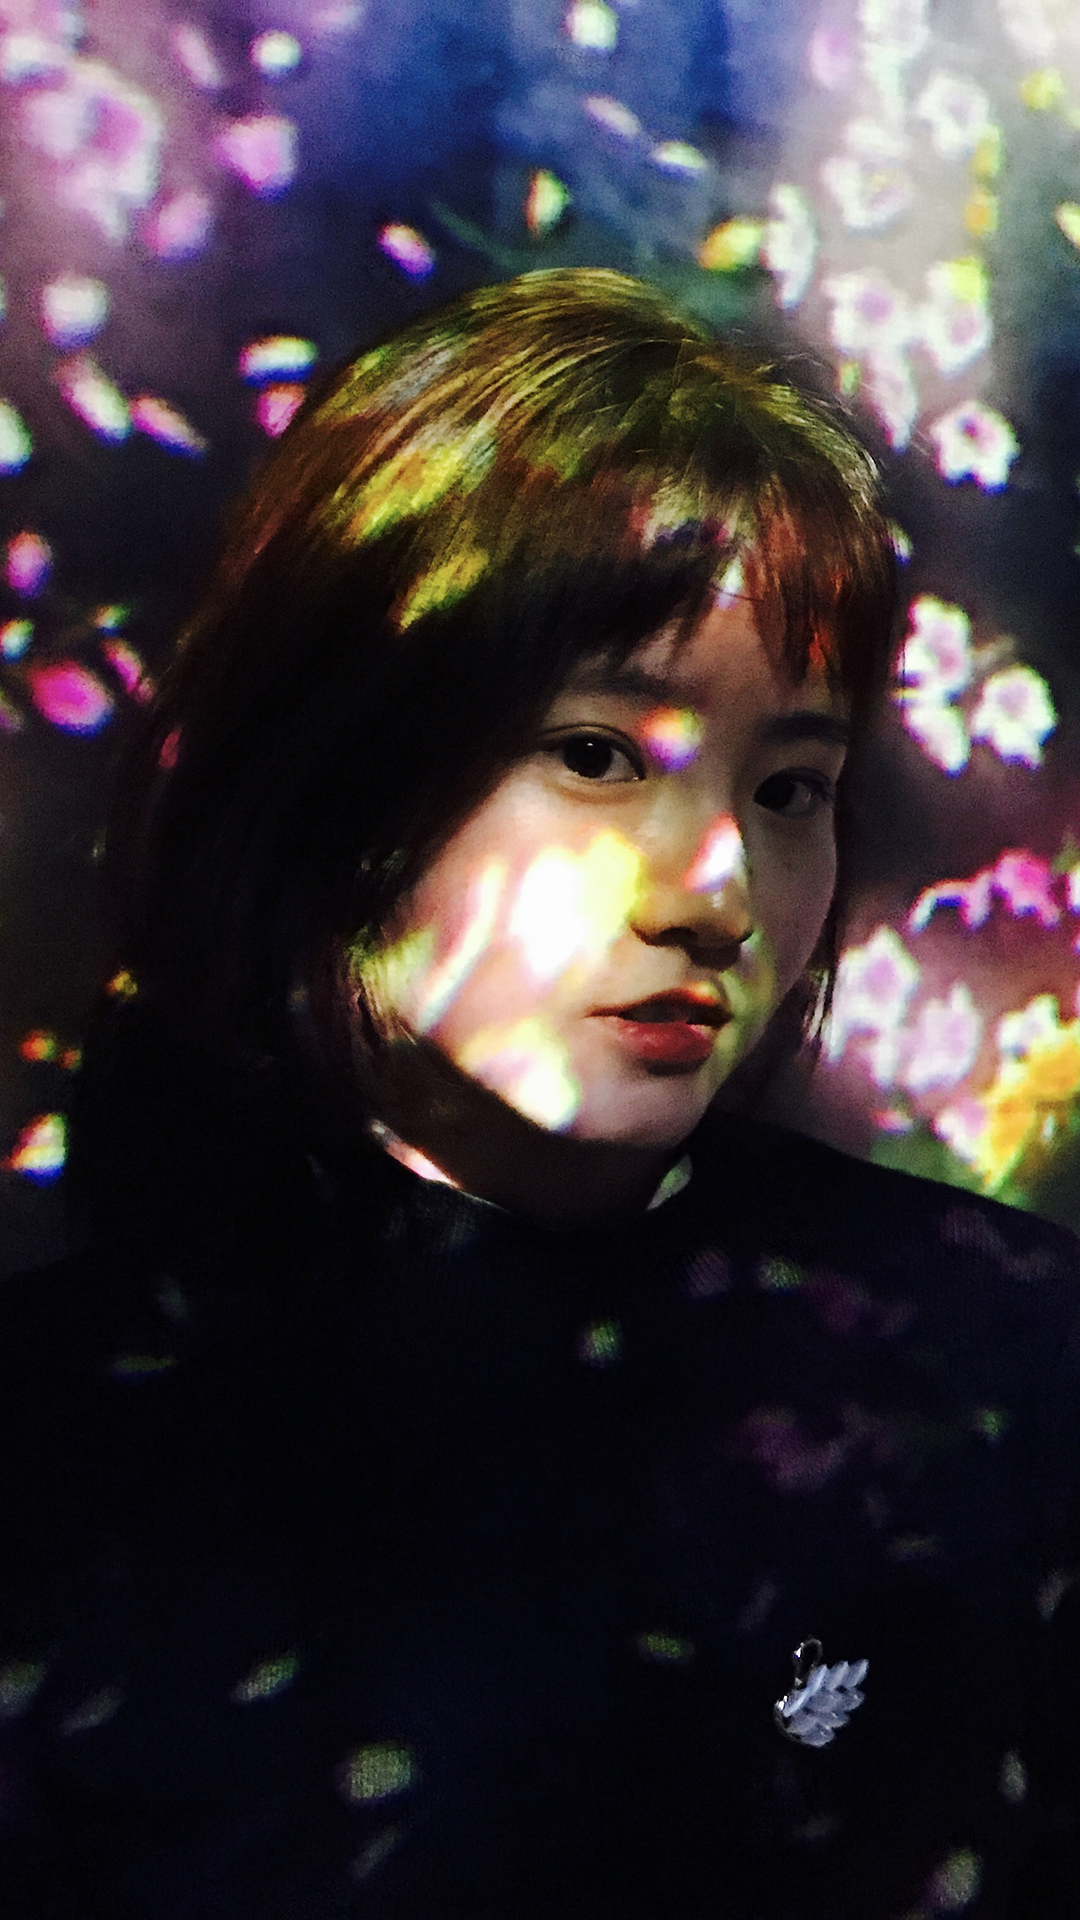 迪丽热巴 艺人 演员 胖迪 明星 时尚 苹果手机高清壁纸 1080x1920 爱思助手